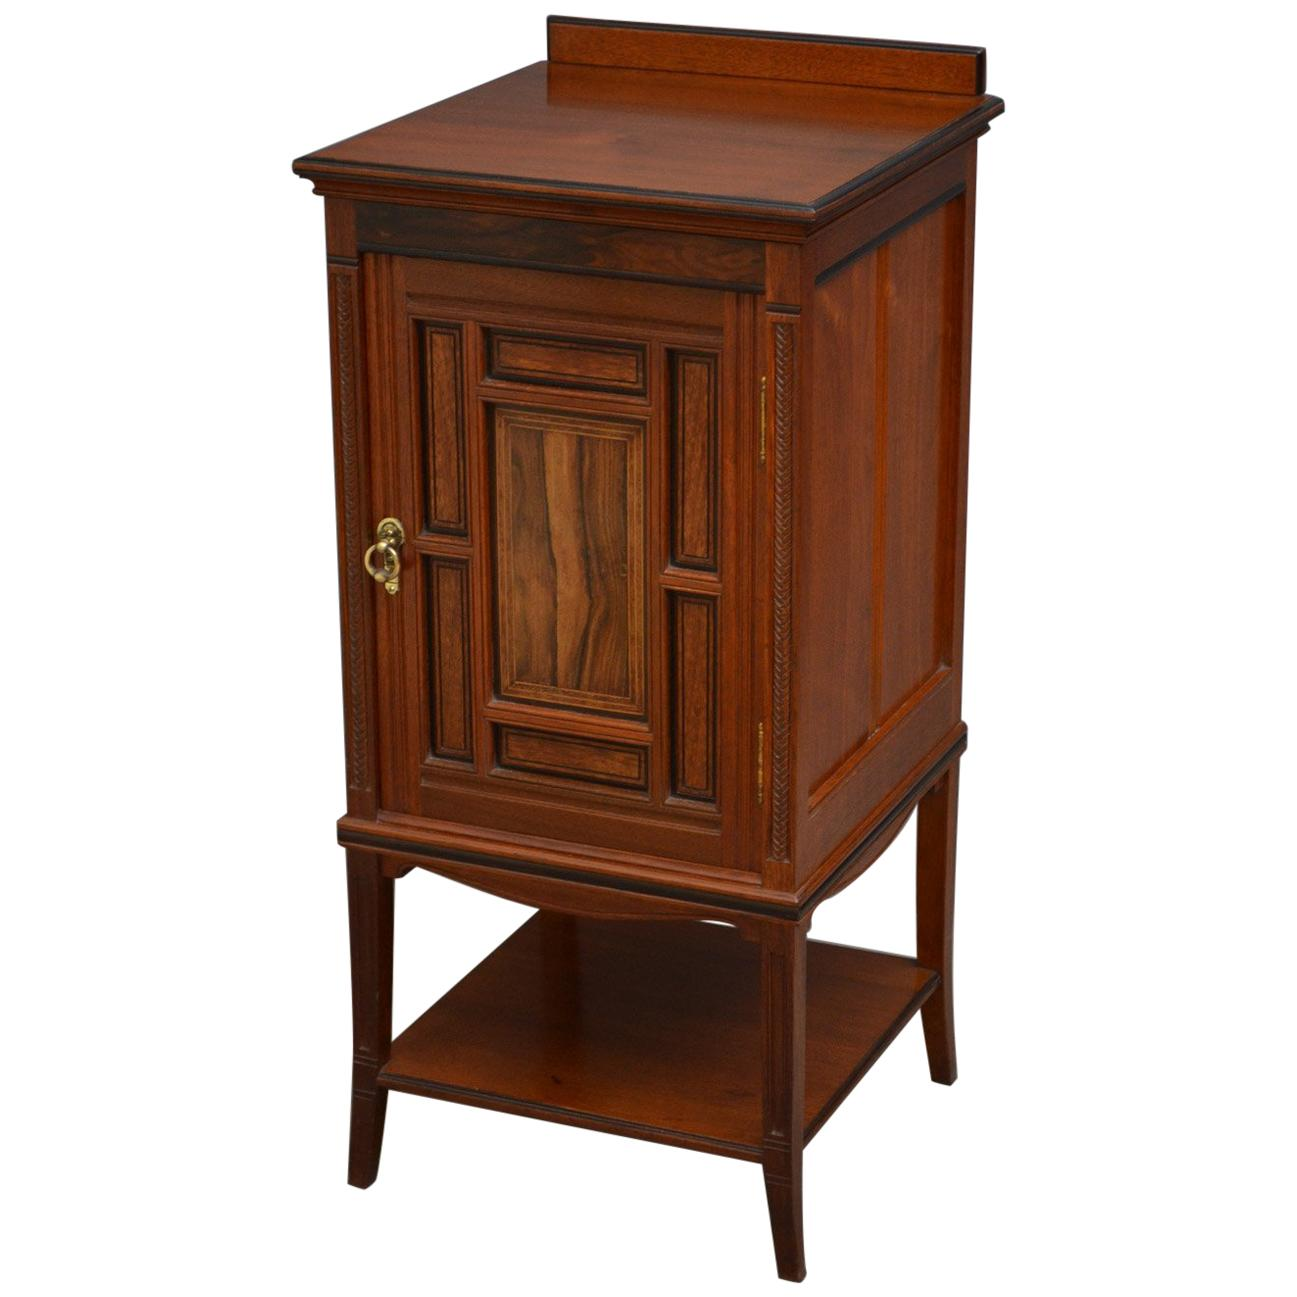 1870s bedroom furniture 21 for sale at 1stdibs rh 1stdibs com 1970s bathroom suites 1970s bedroom decor